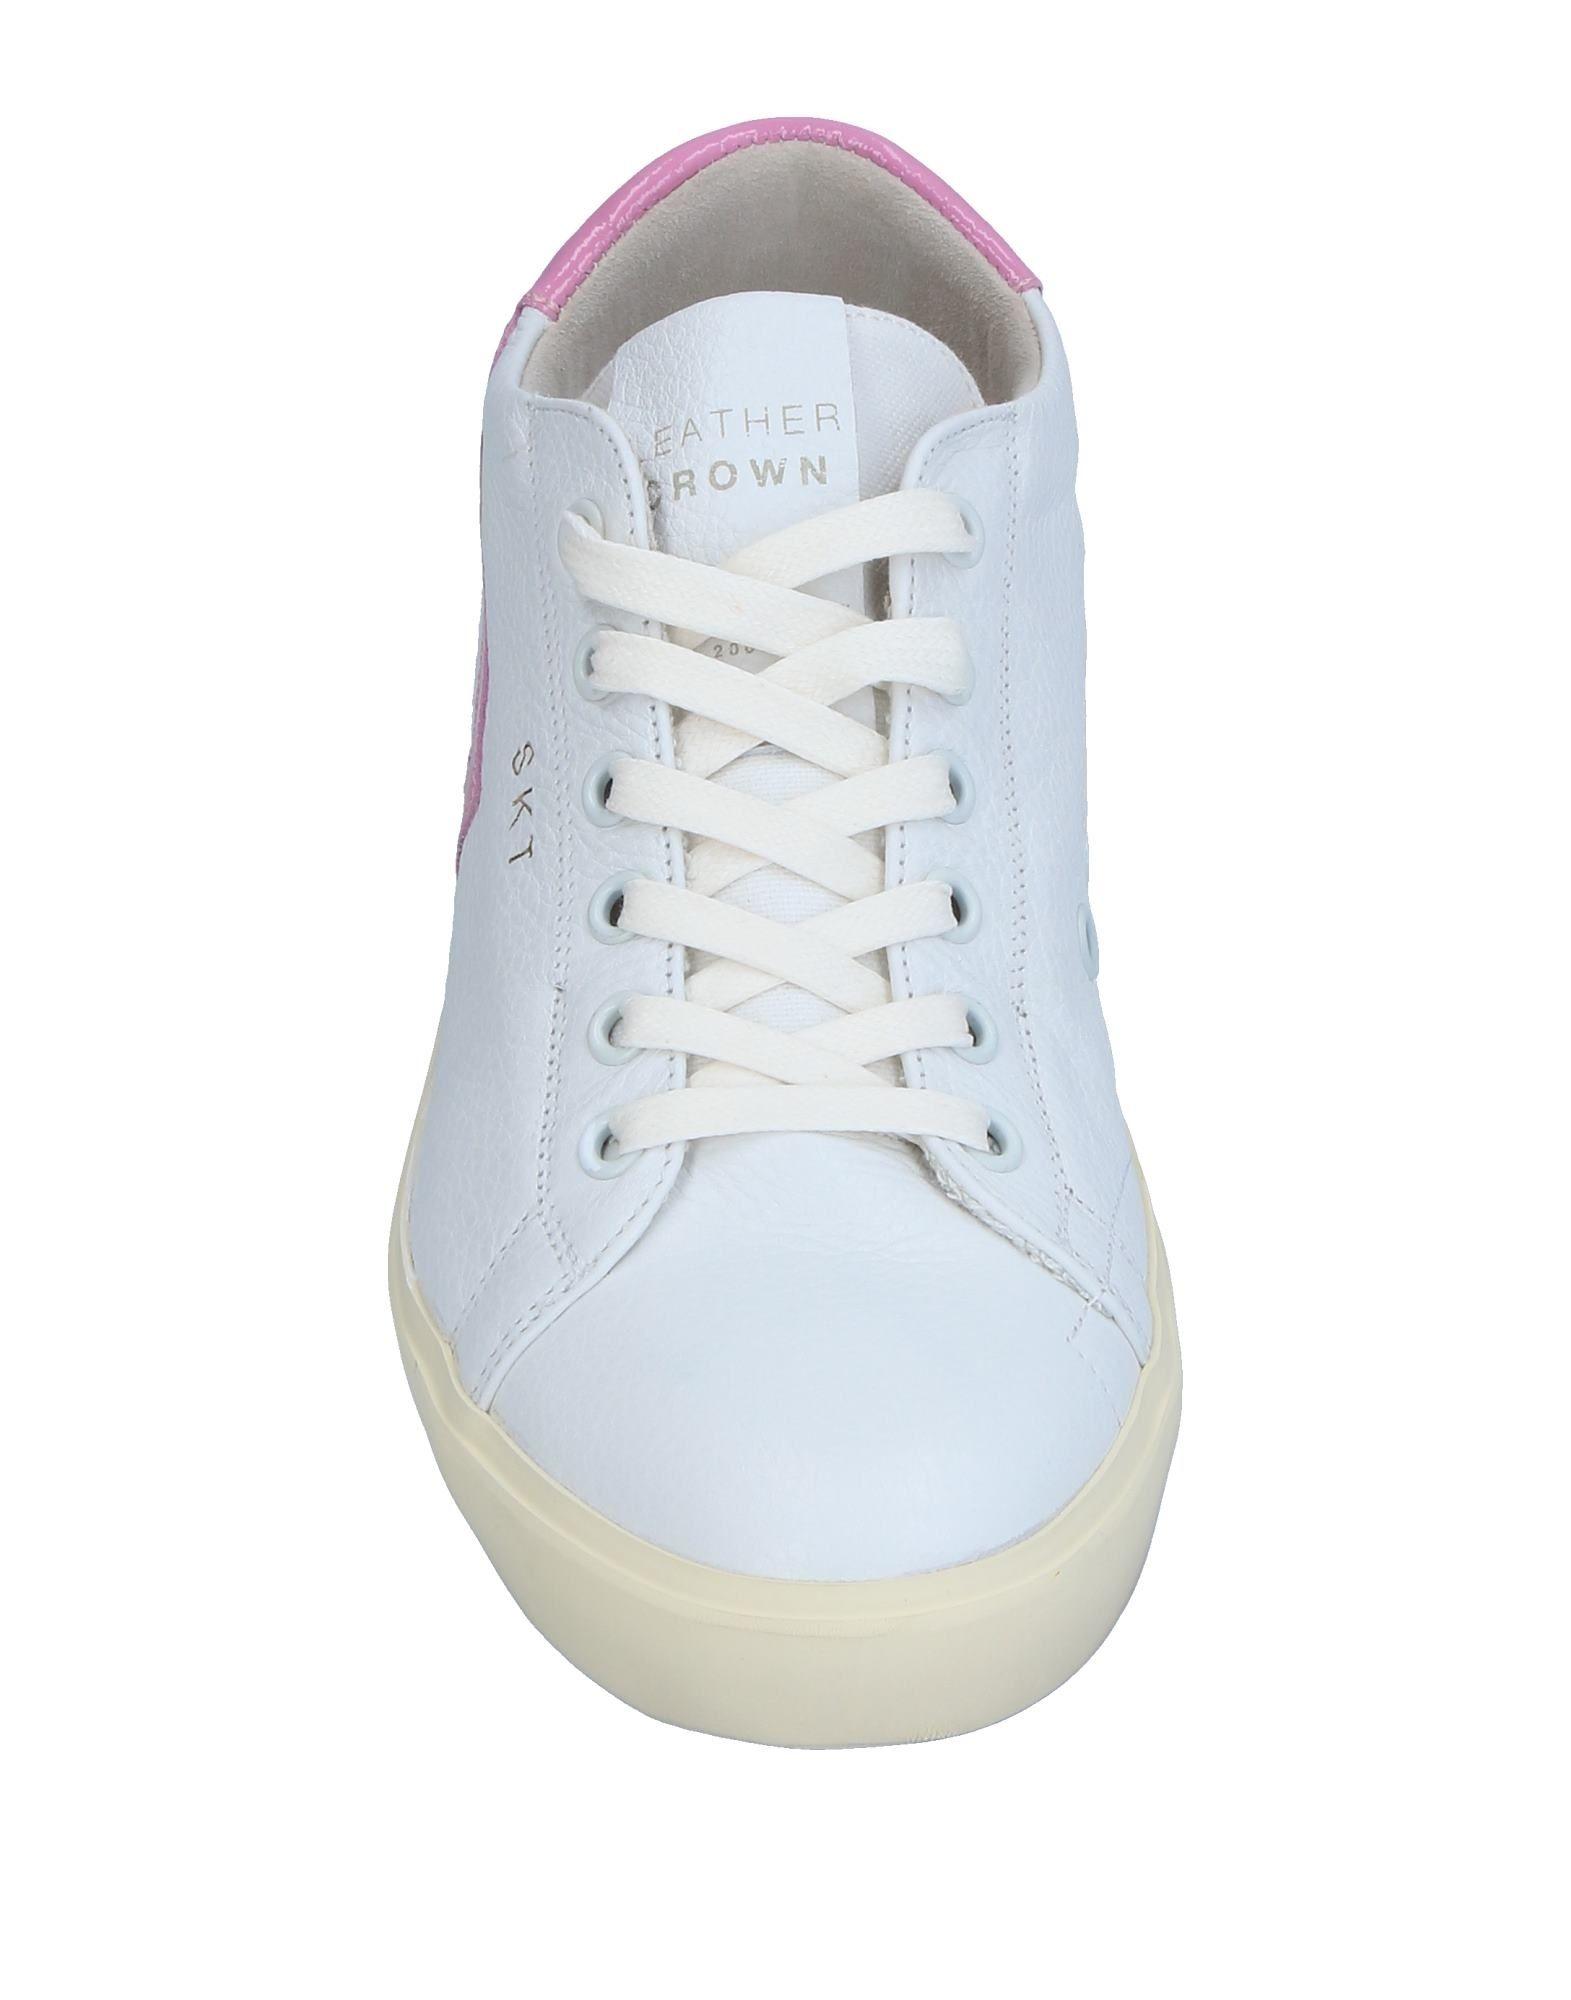 Gut um billige Schuhe Damen zu tragenLeather Crown Sneakers Damen Schuhe  11327648NG b1a322